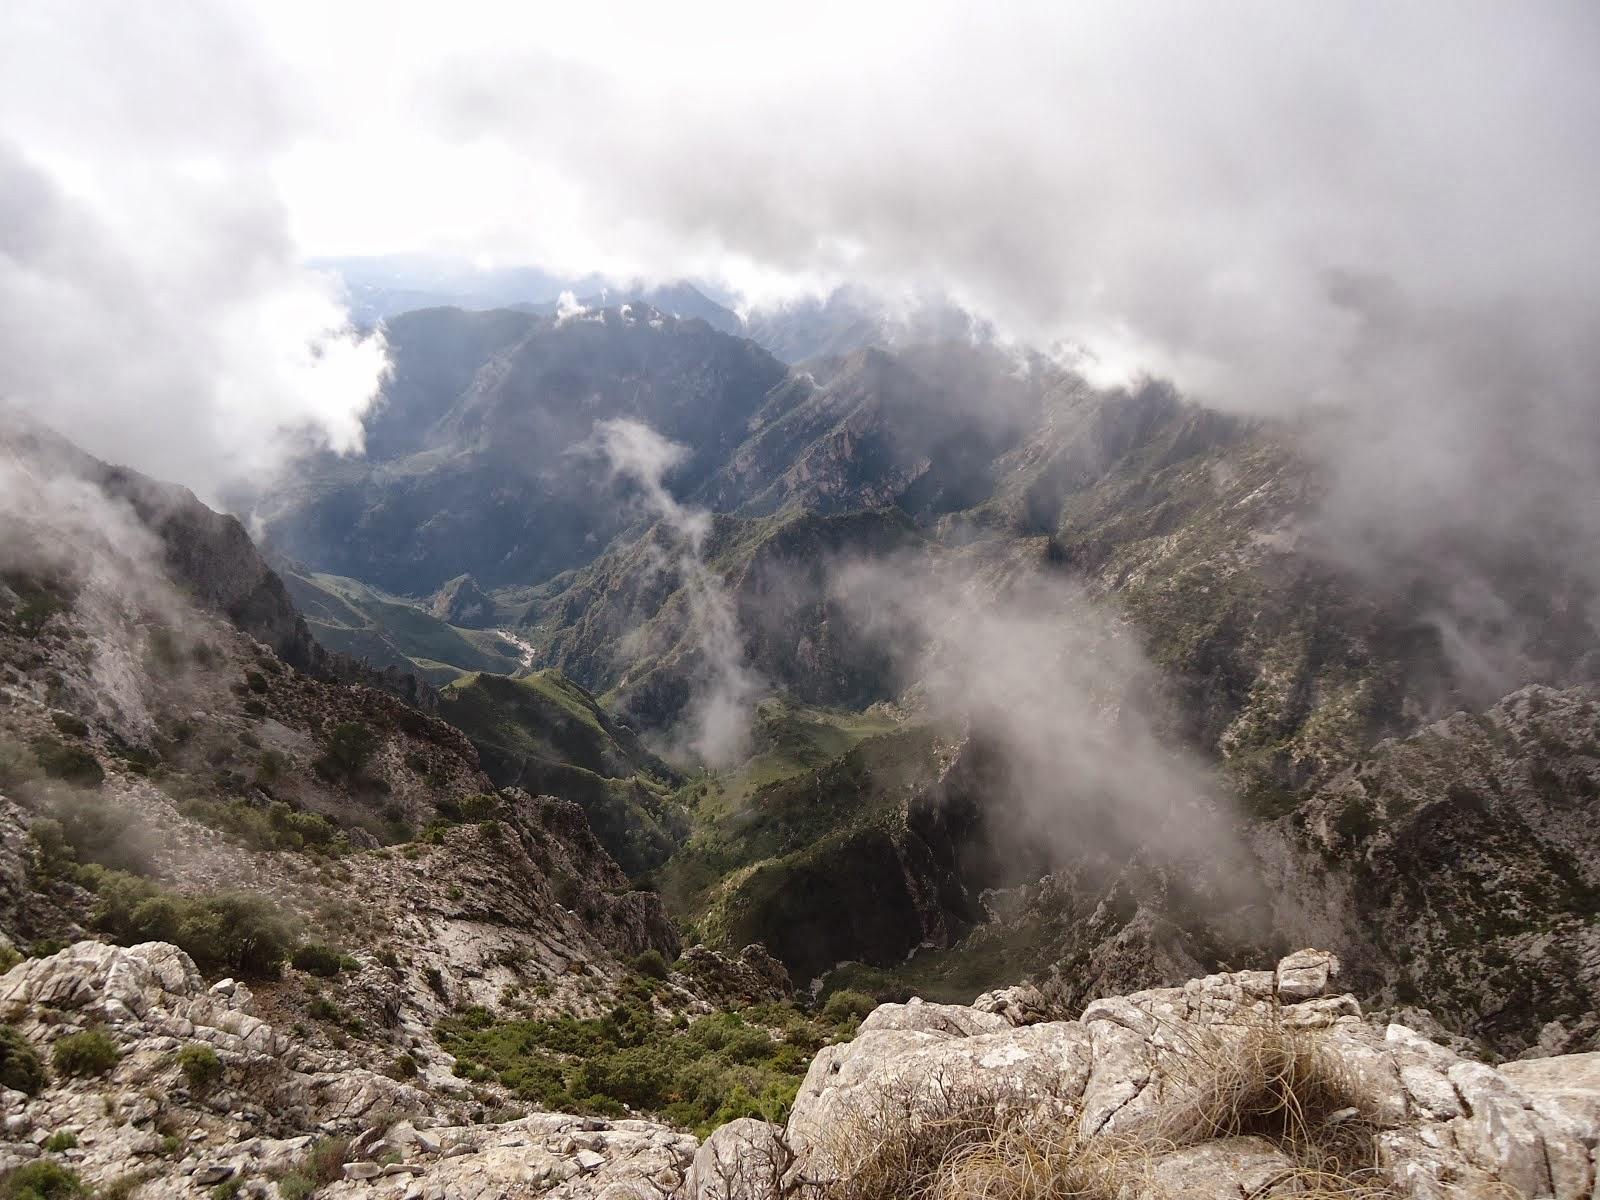 Tajos del Sol (Sierra de Tejeda y Almijara)